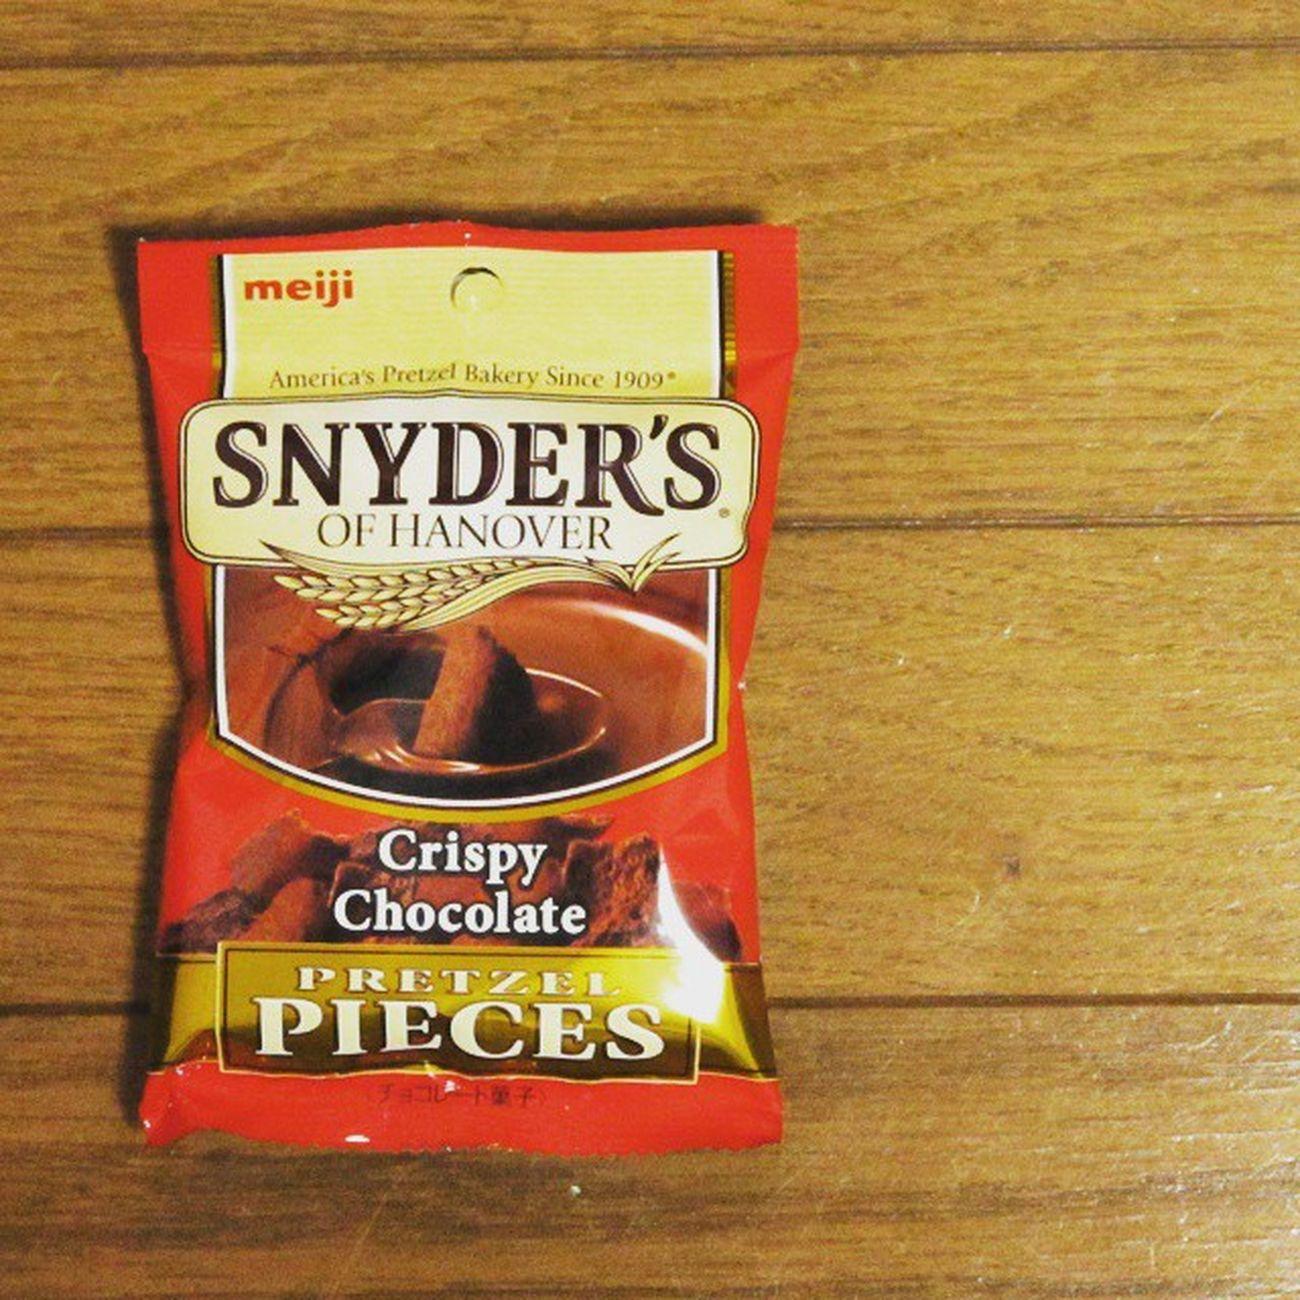 明治とスナイダーズのコラボ商品。かなり旨い。気に入りました。 Meiji 明治 Snyders Pretzel スナイダーズ